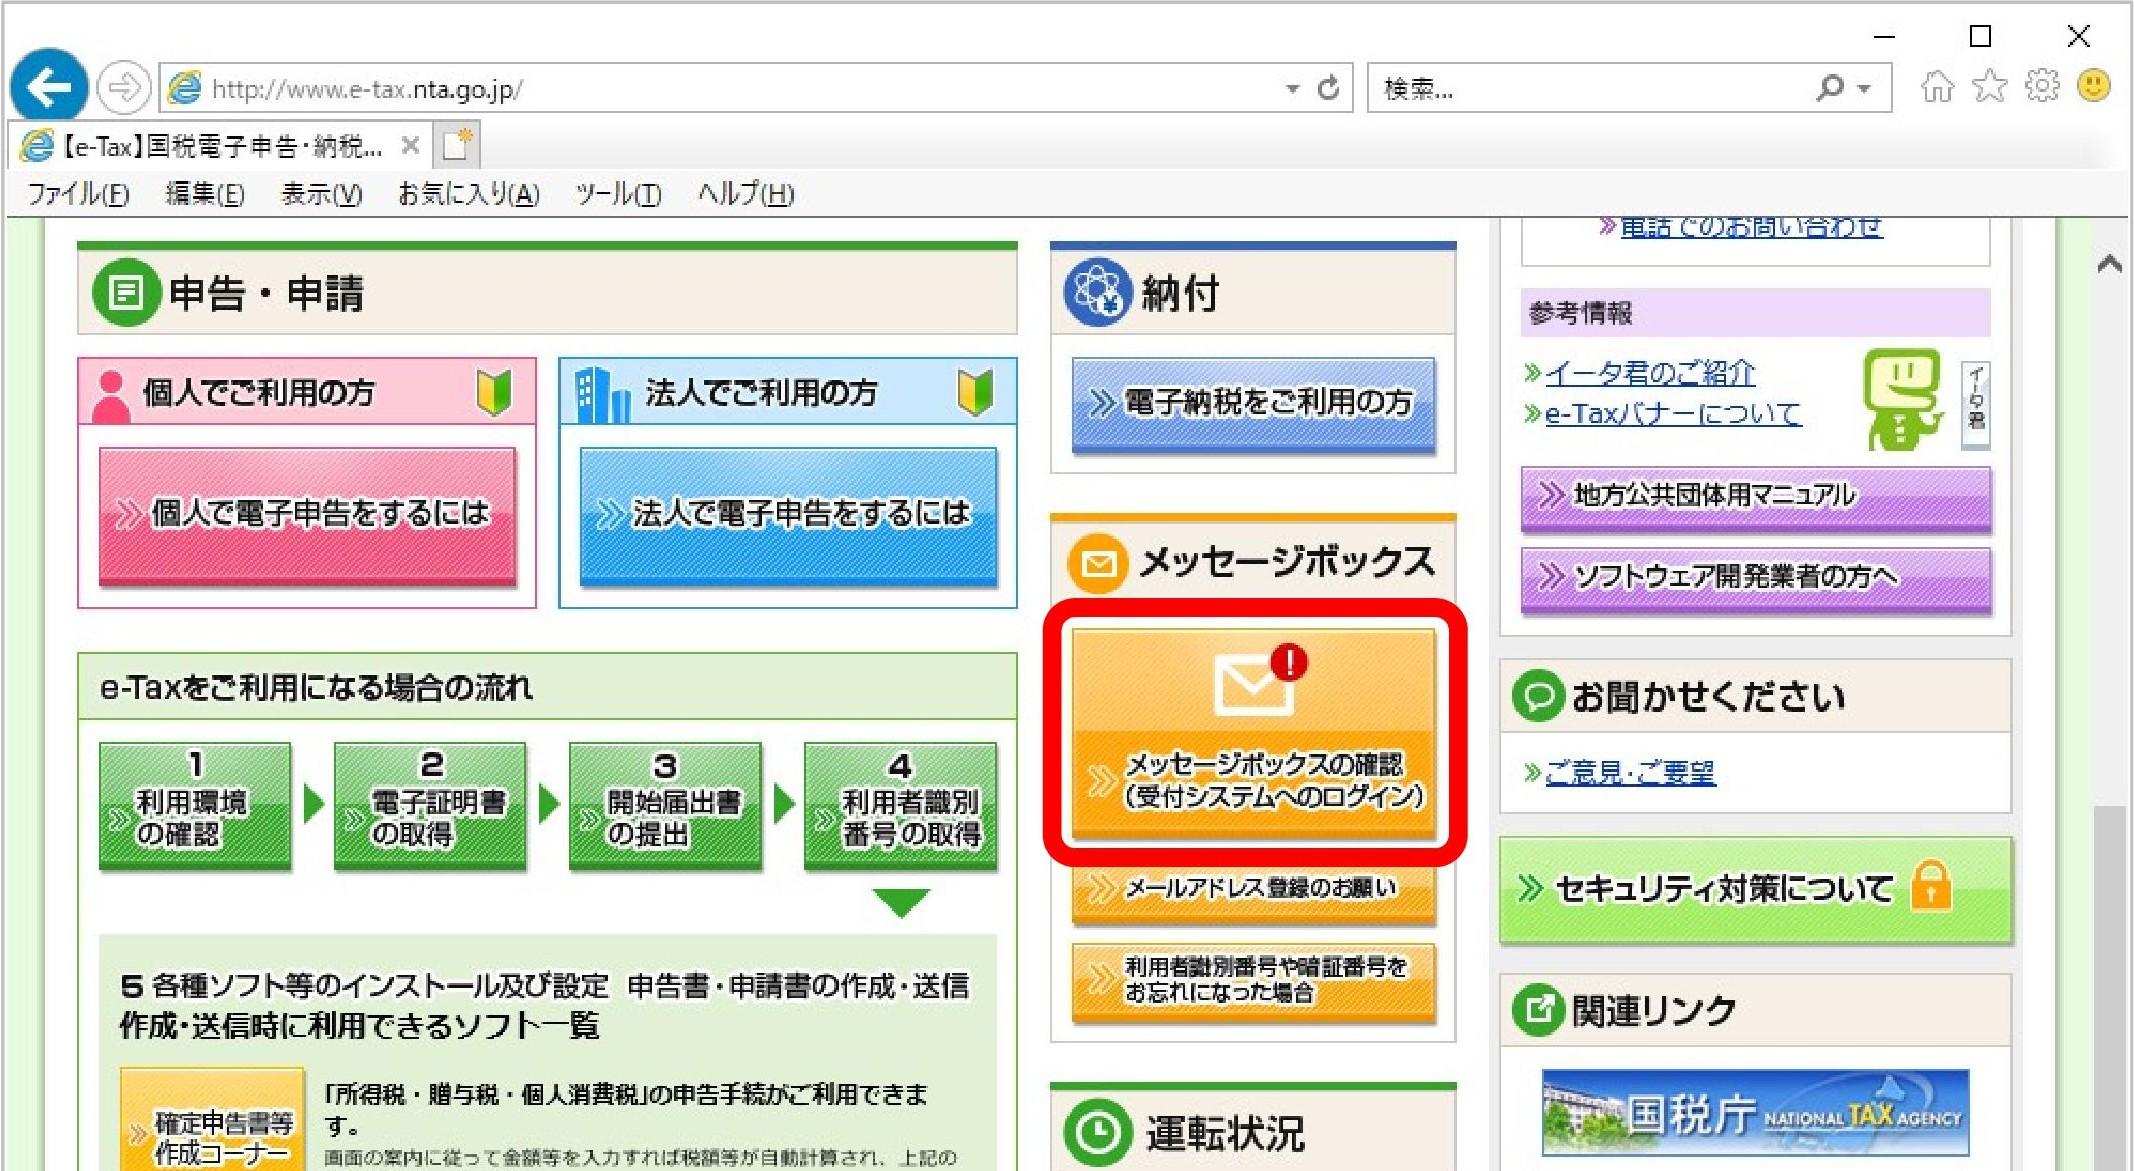 ファイル 24-2.jpg